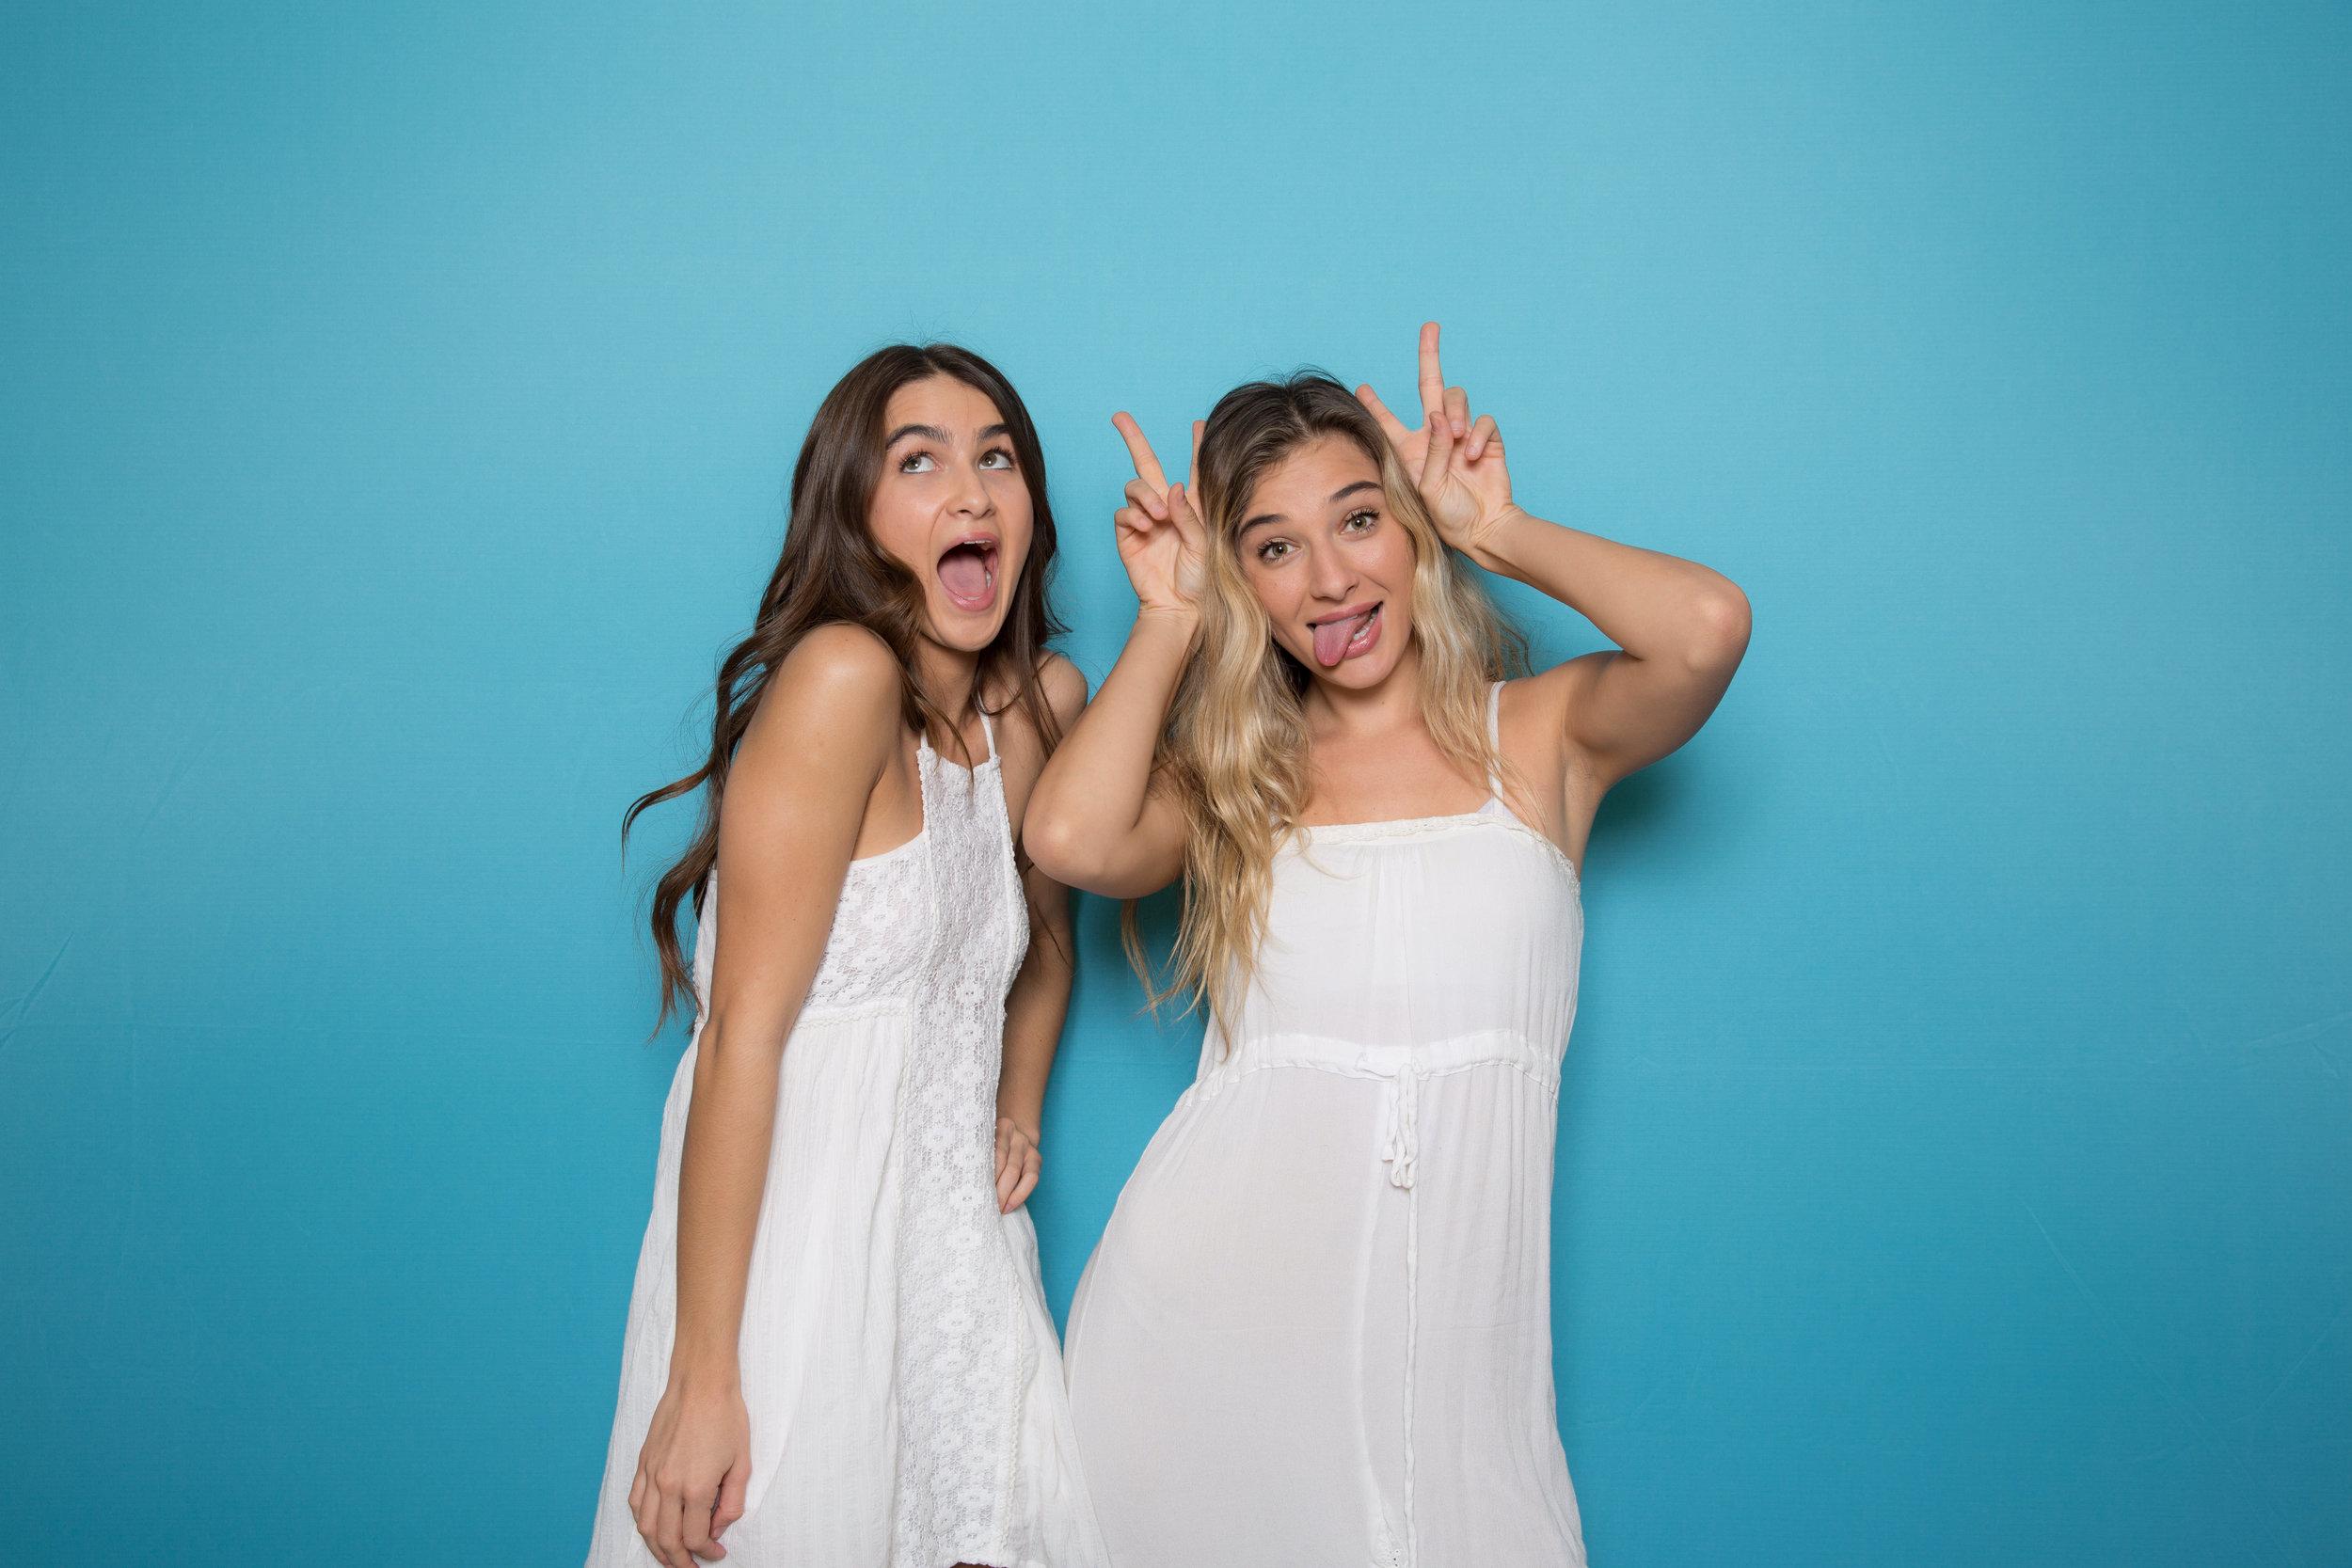 Chroma Photobooth Turquoise Backdrop